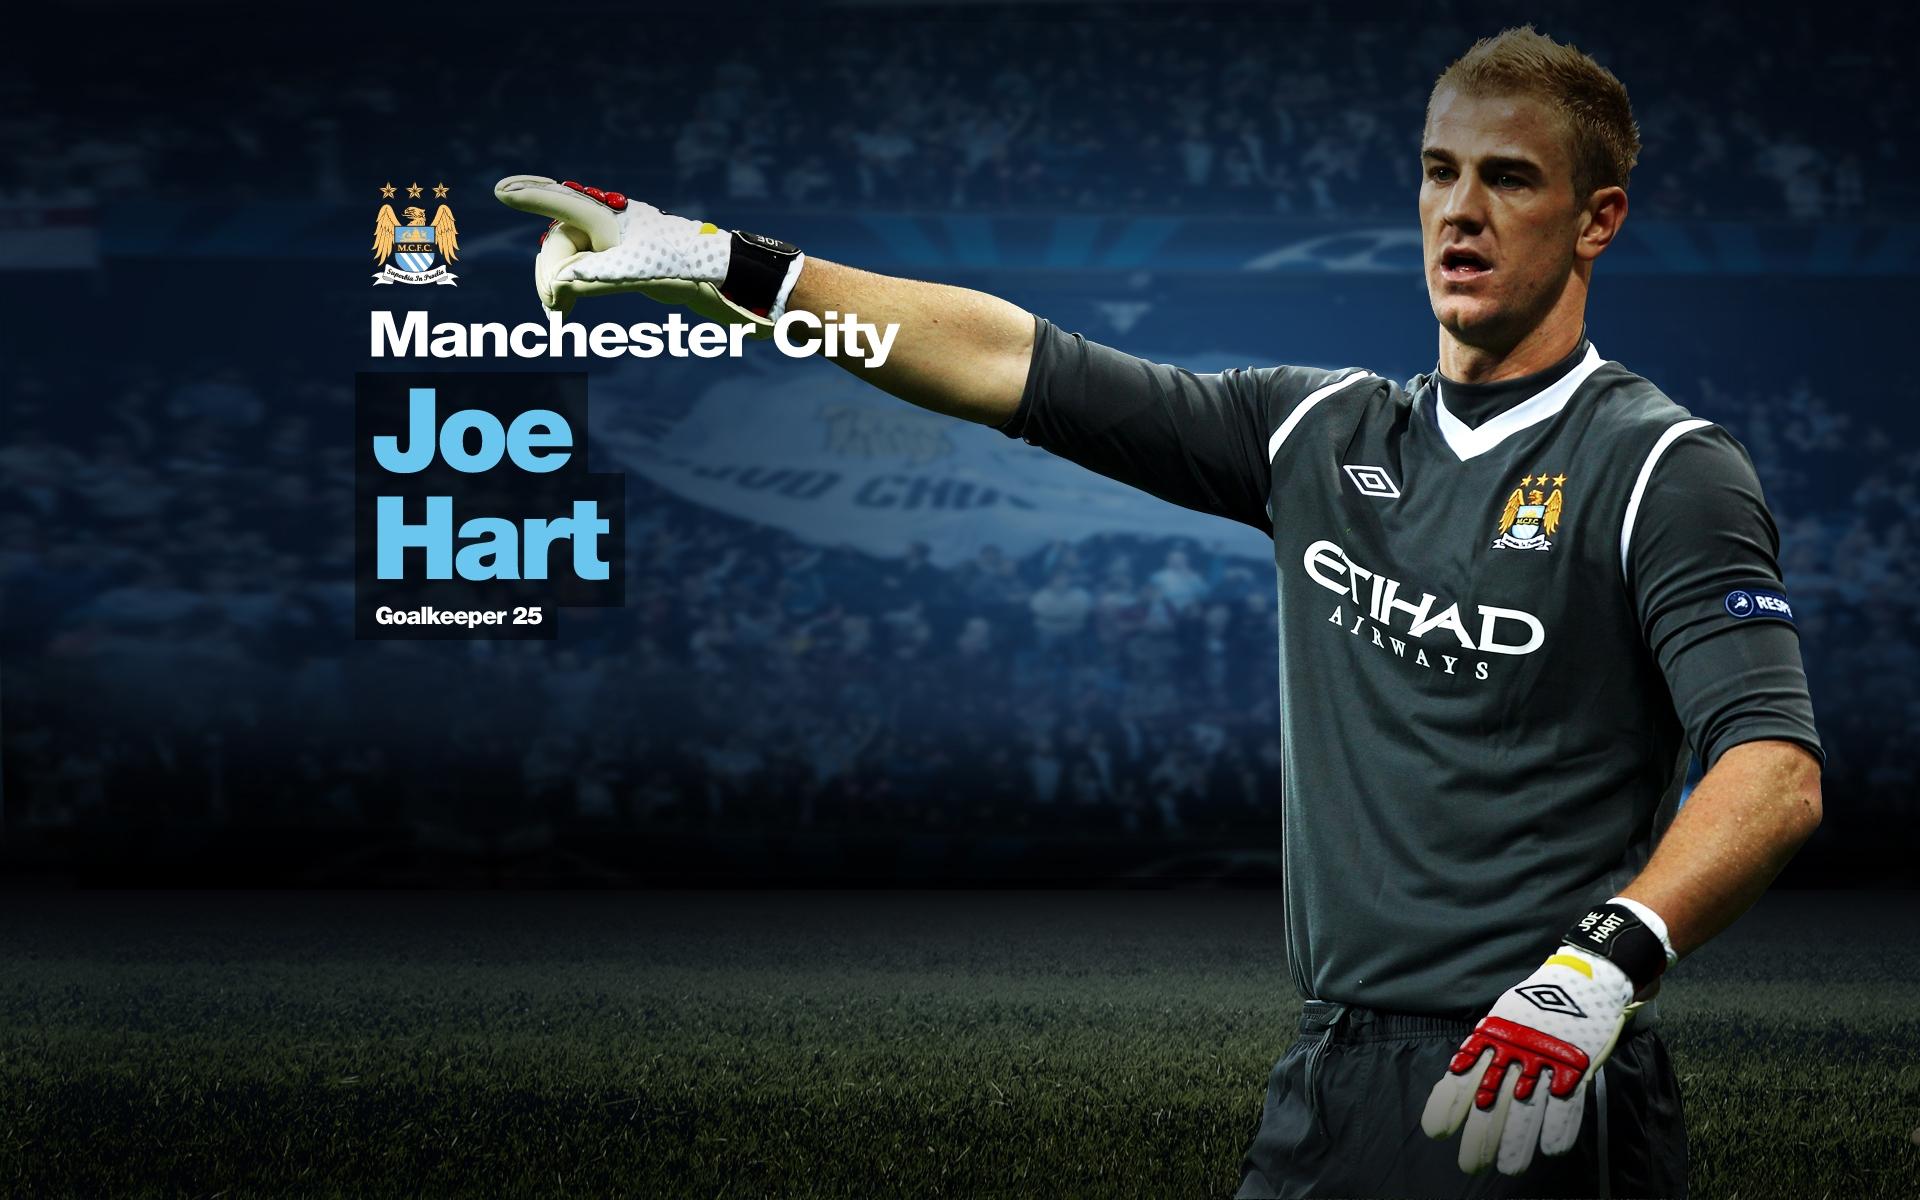 Joe Hart Manchester City Wallpaper 2015 11541 Wallpaper Cool 1920x1200